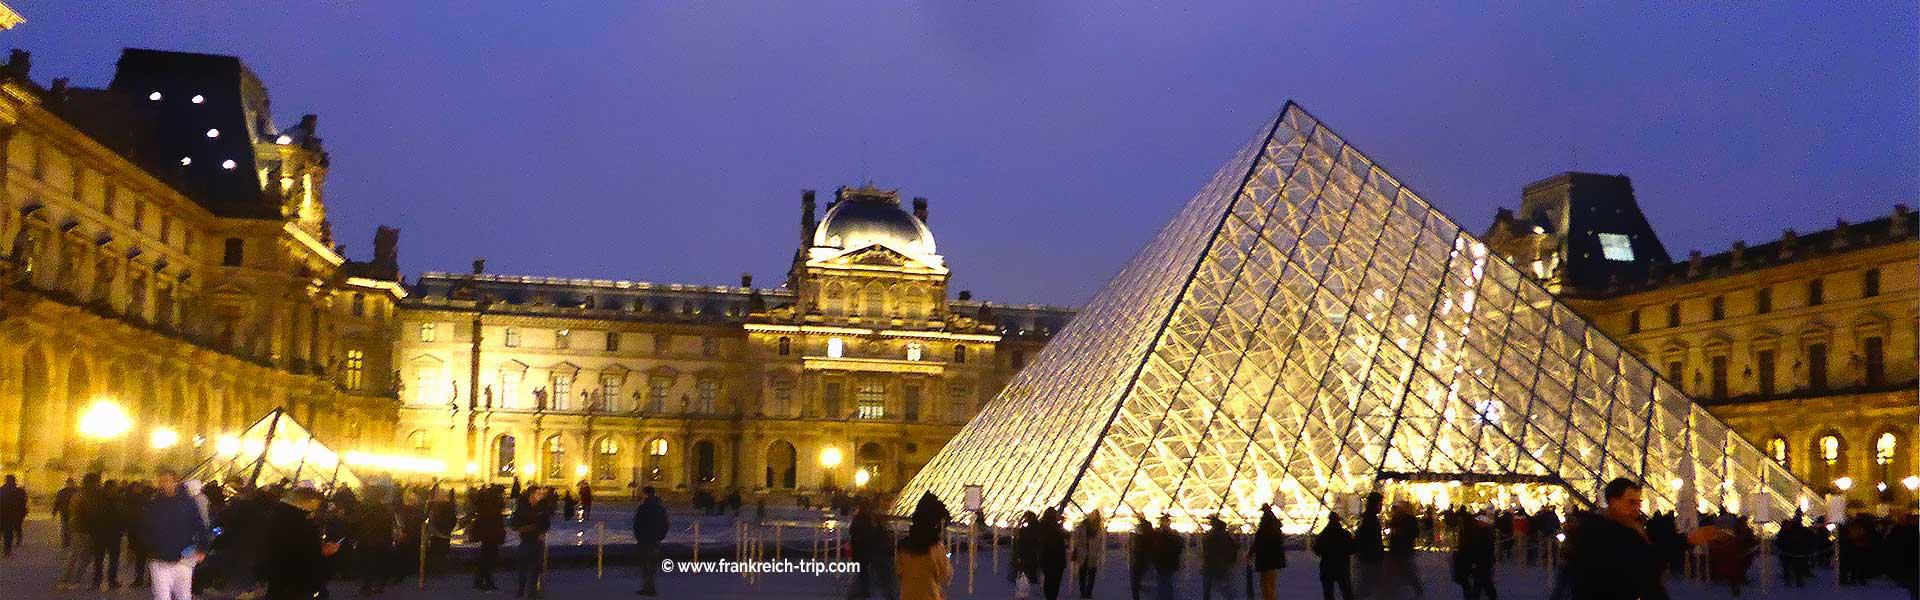 Sehenswürdigkeiten Paris unter 26 kostenlos